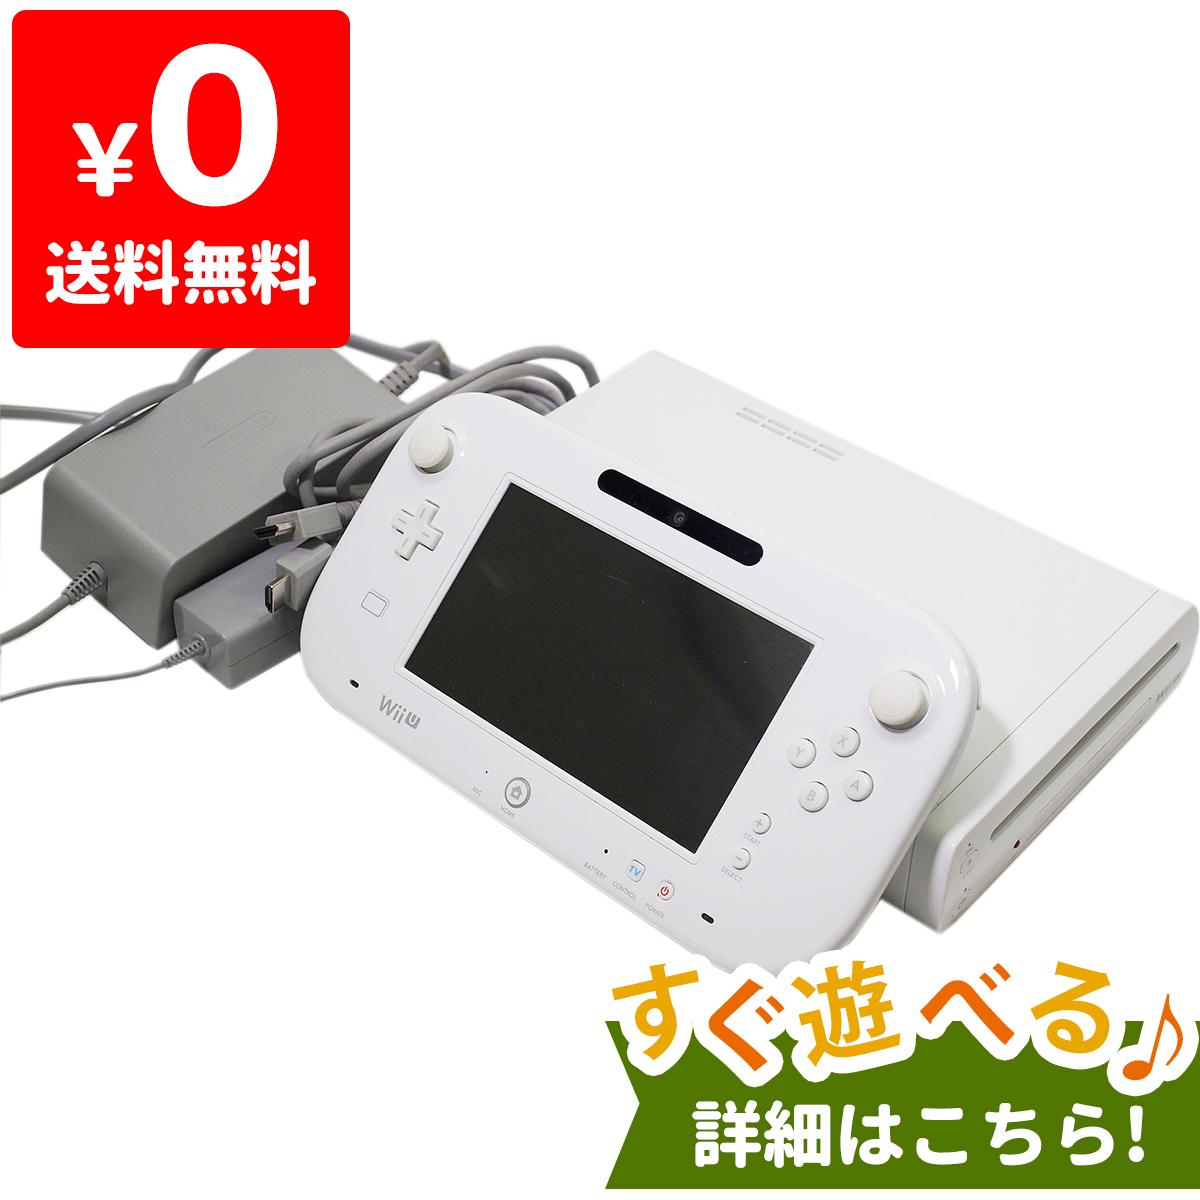 Wii U ウィーユー 本体 ベーシックセット 本体 すぐ遊べるセット ニンテンドー 任天堂 Nintendo ゲーム機 中古 4902370519877 送料無料